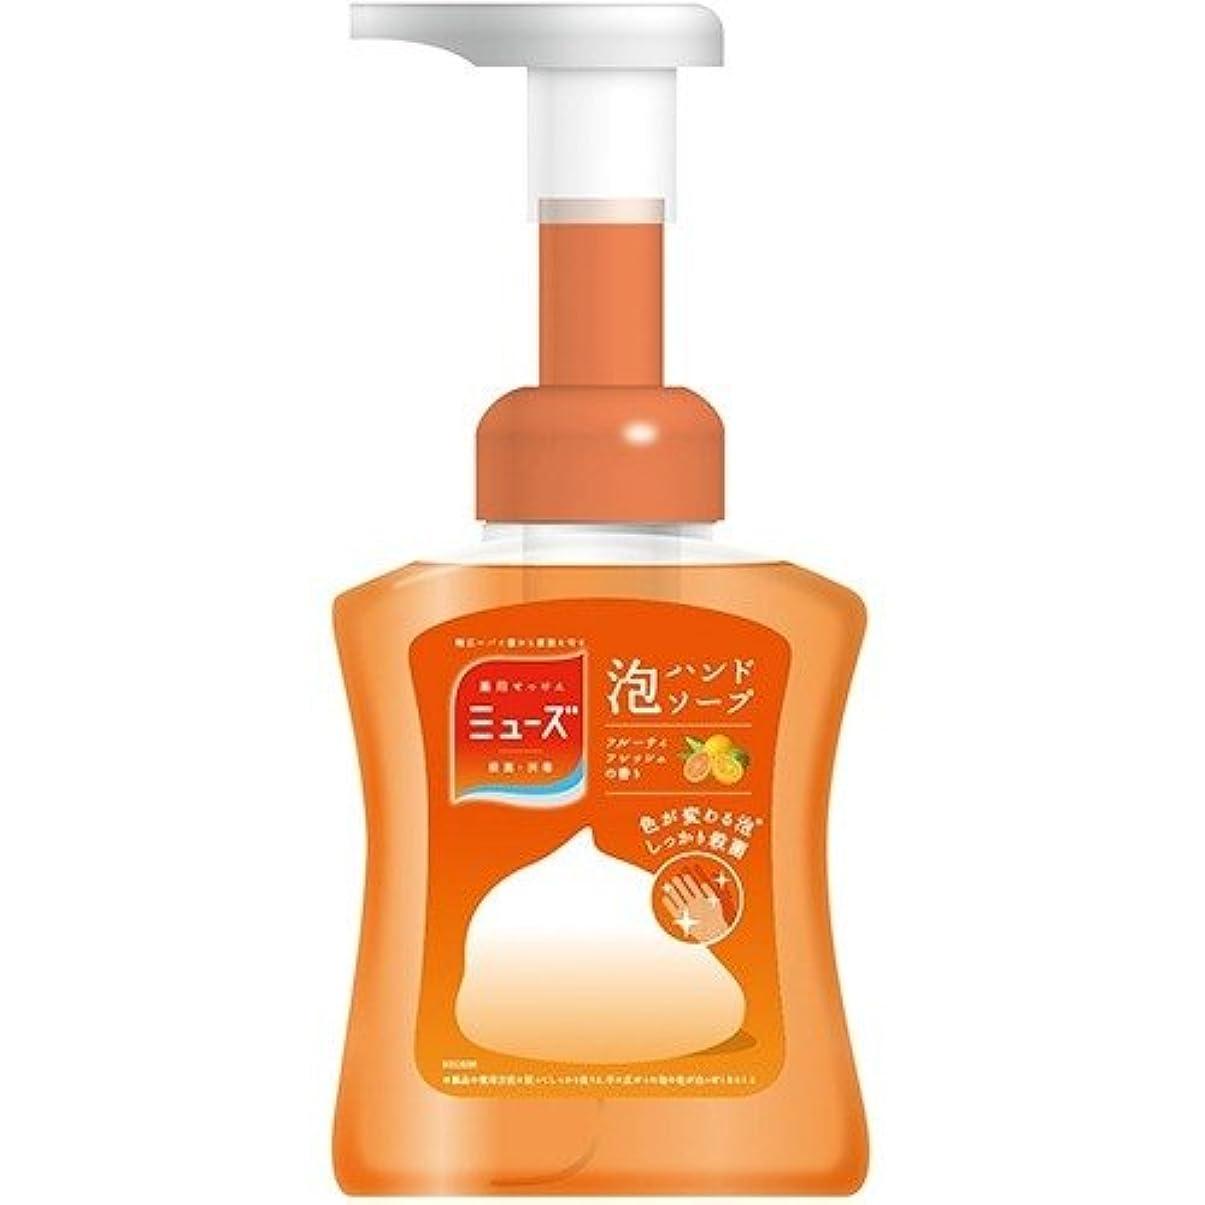 過激派すべき適切なミューズ 泡ハンドソープ フルーティフレッシュ 本体(250mL) 日用品 洗面?バス用品 ハンドソープ [並行輸入品] k1-4906156801057-ak